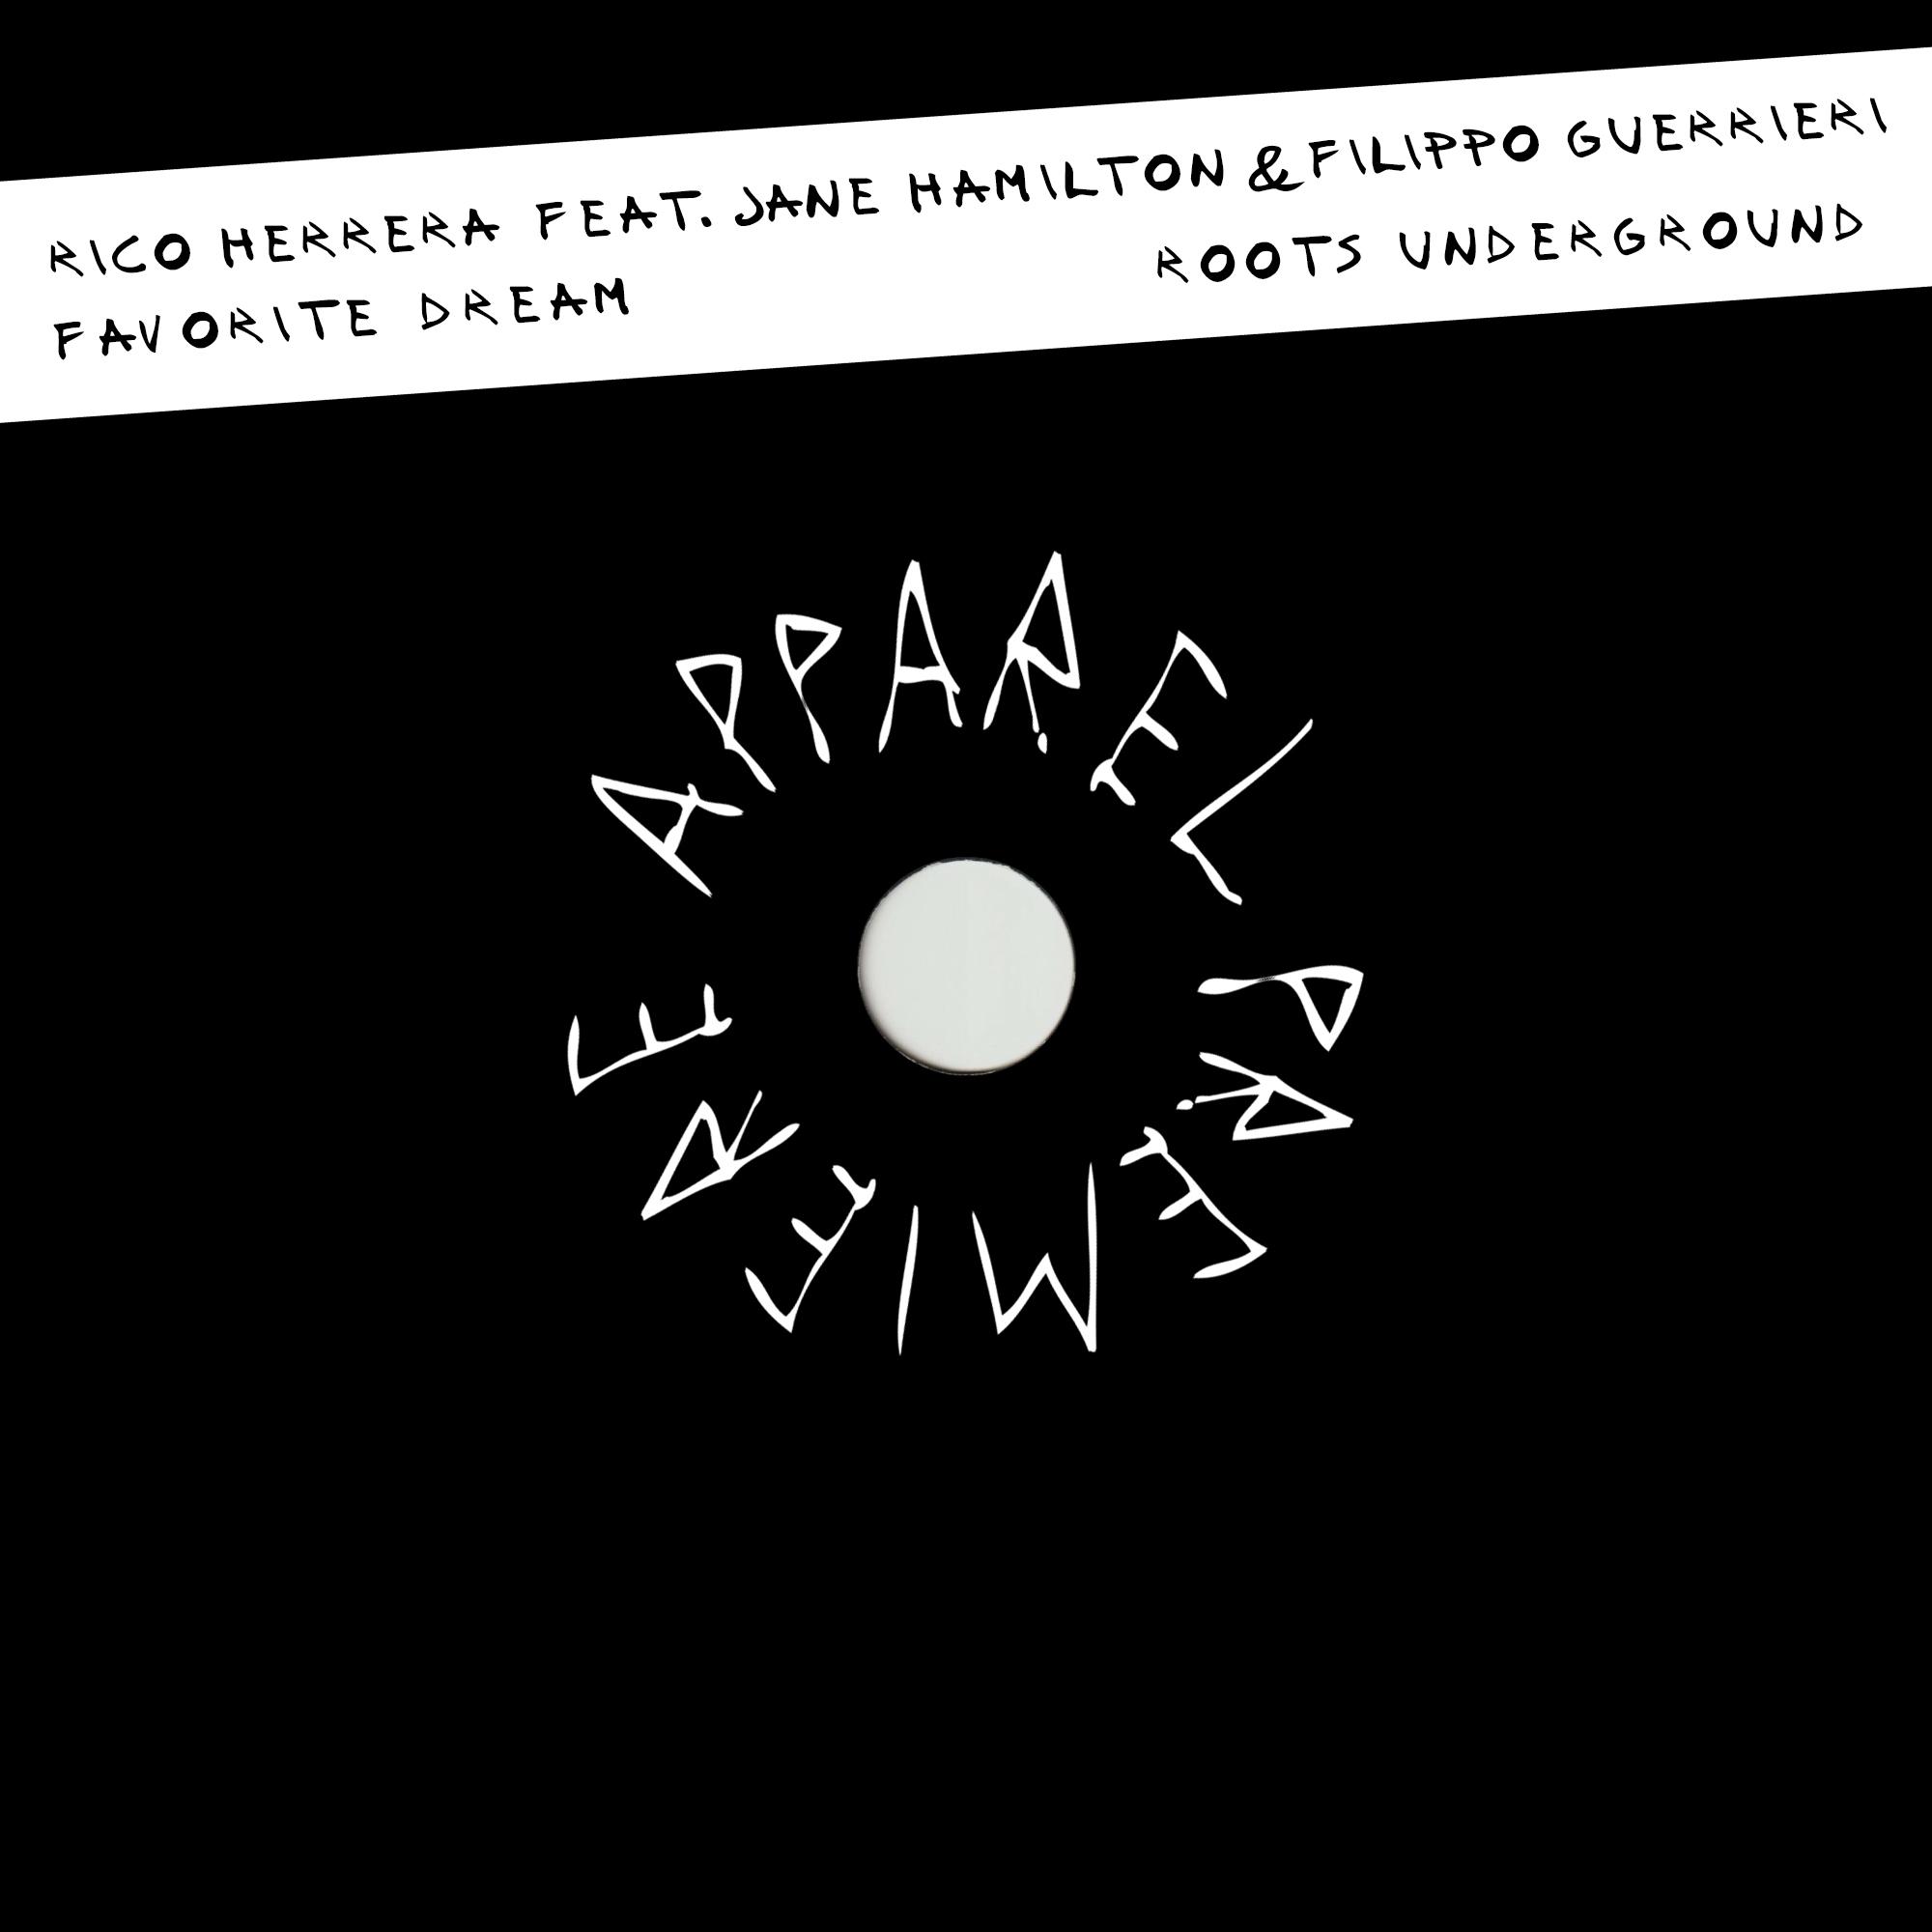 APPAREL PREMIERE Rico Herrera feat Jane Hamilton & Filippo Guerrieri – Favorite Dream